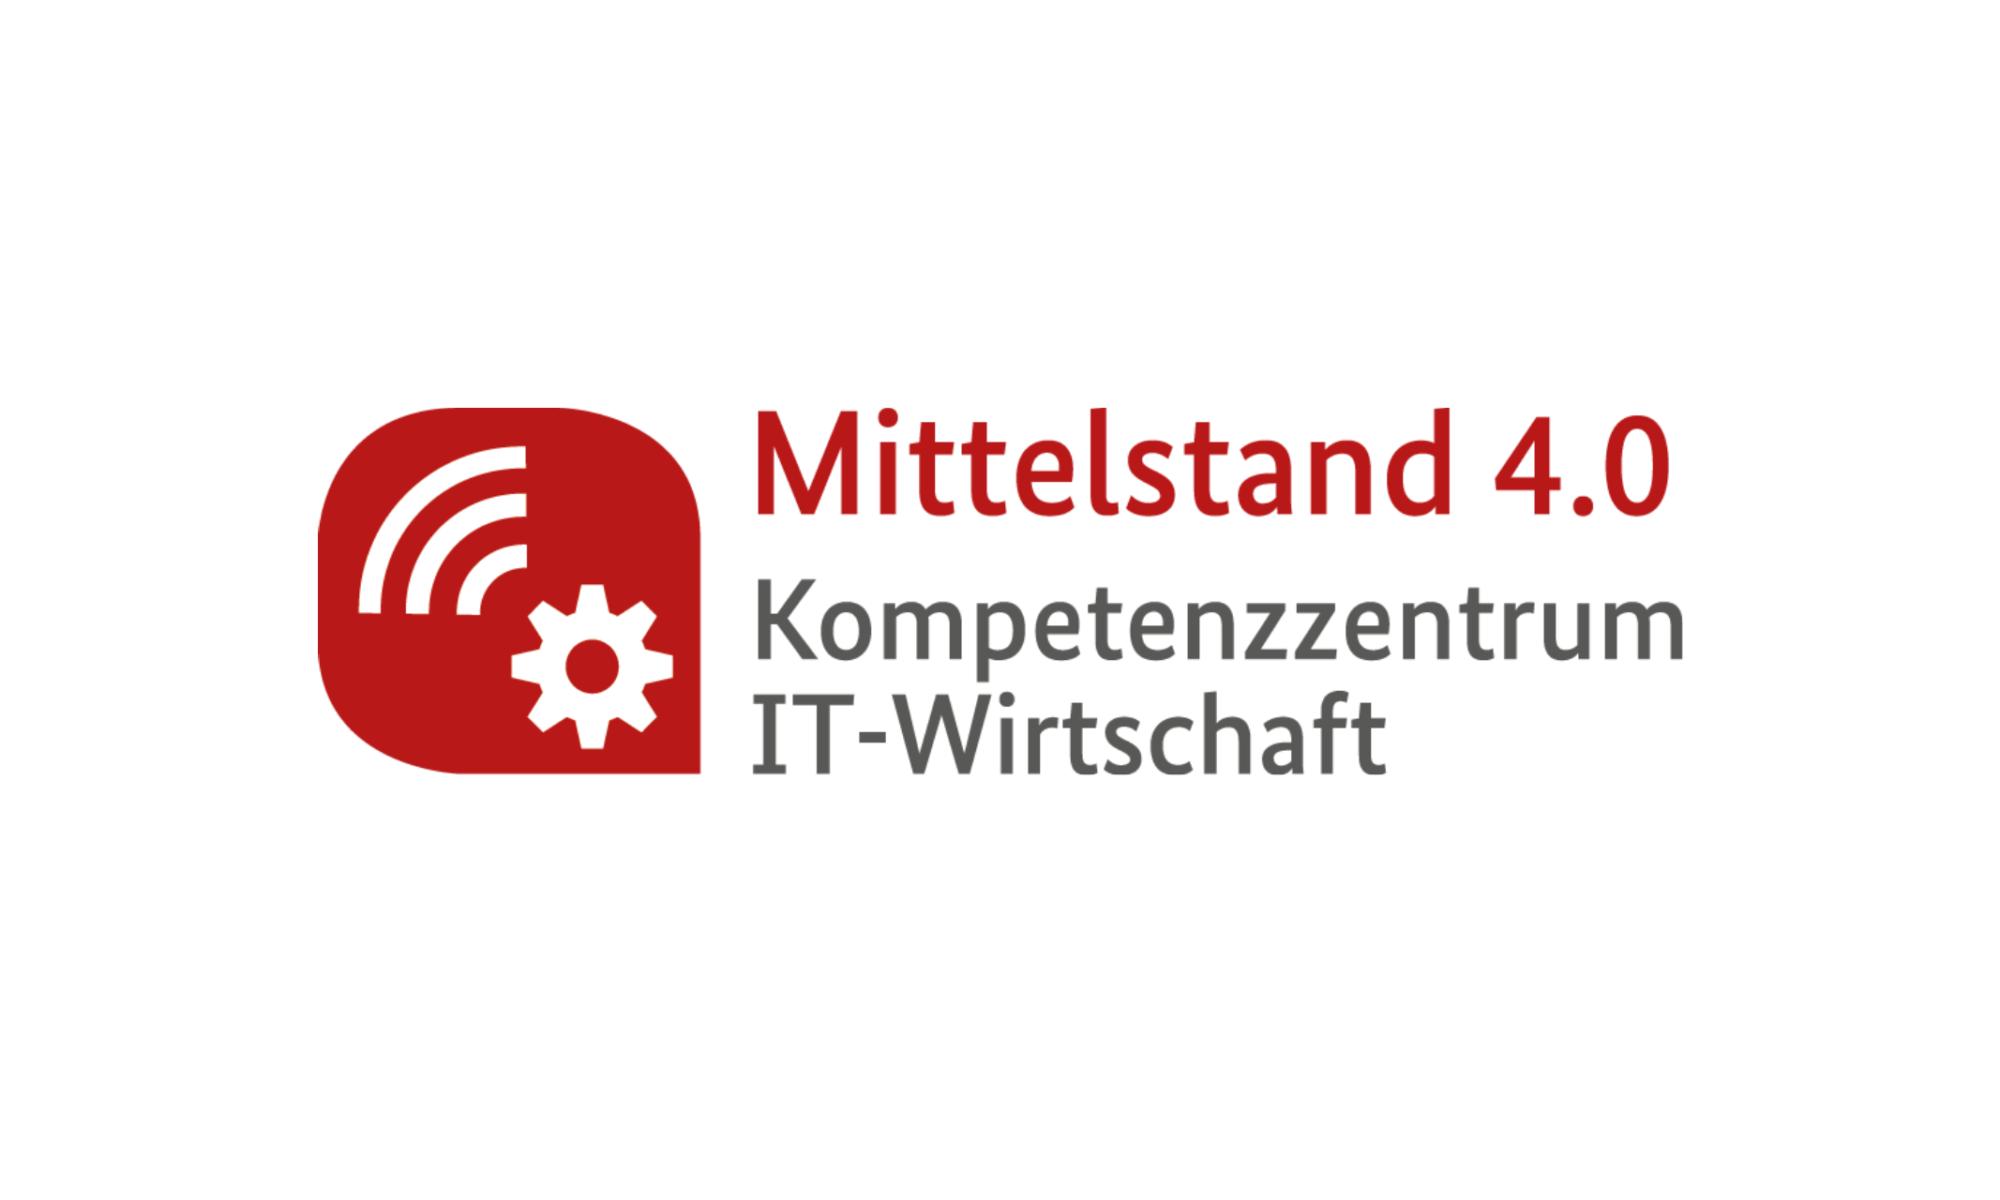 KIW Kompetenzzentrum IT-Mittelstand